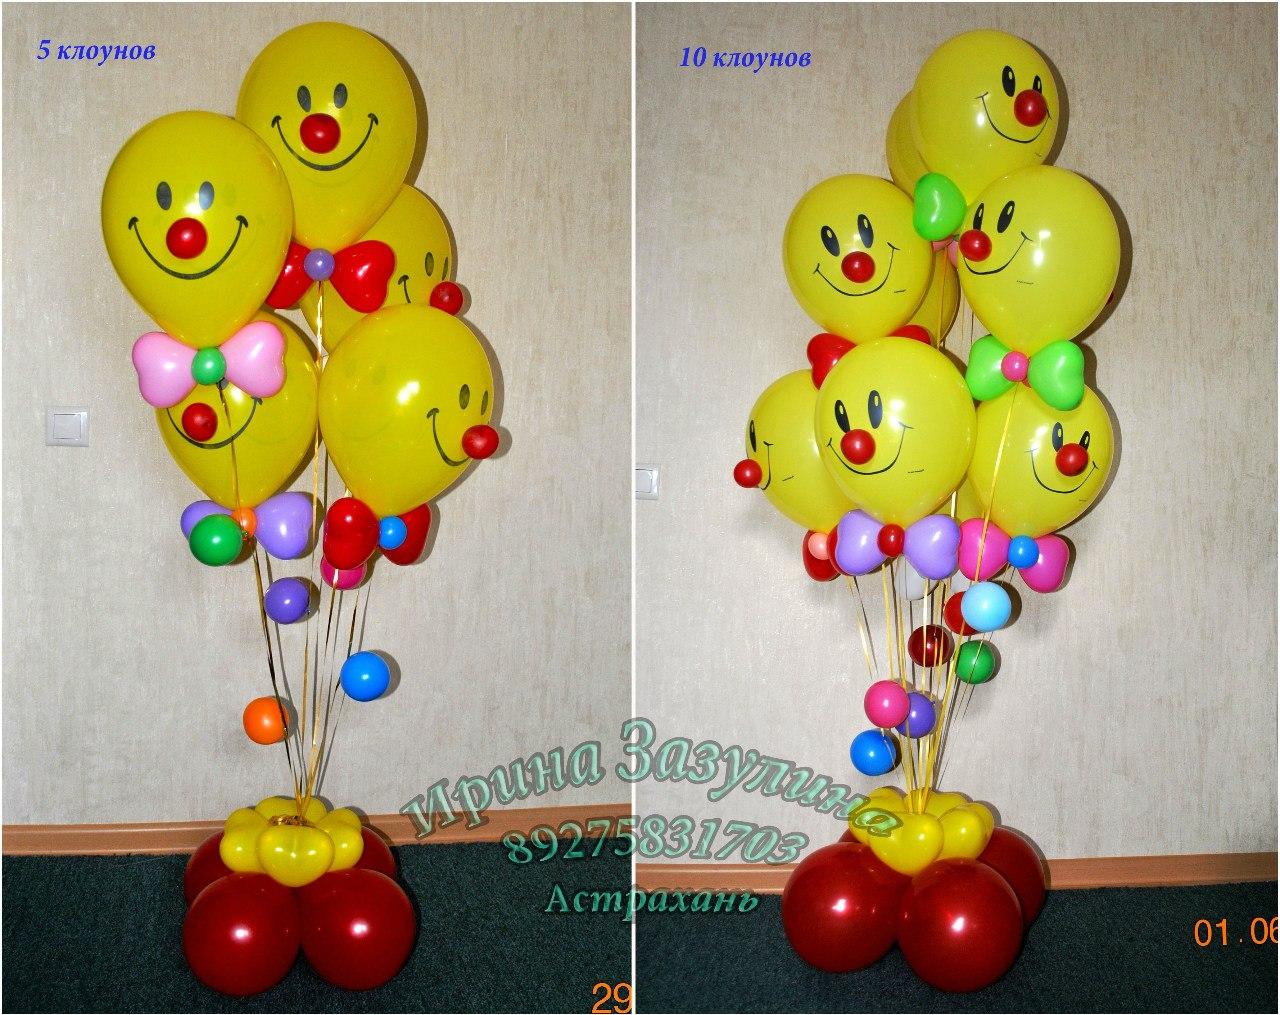 Как воздушных шаров своими руками